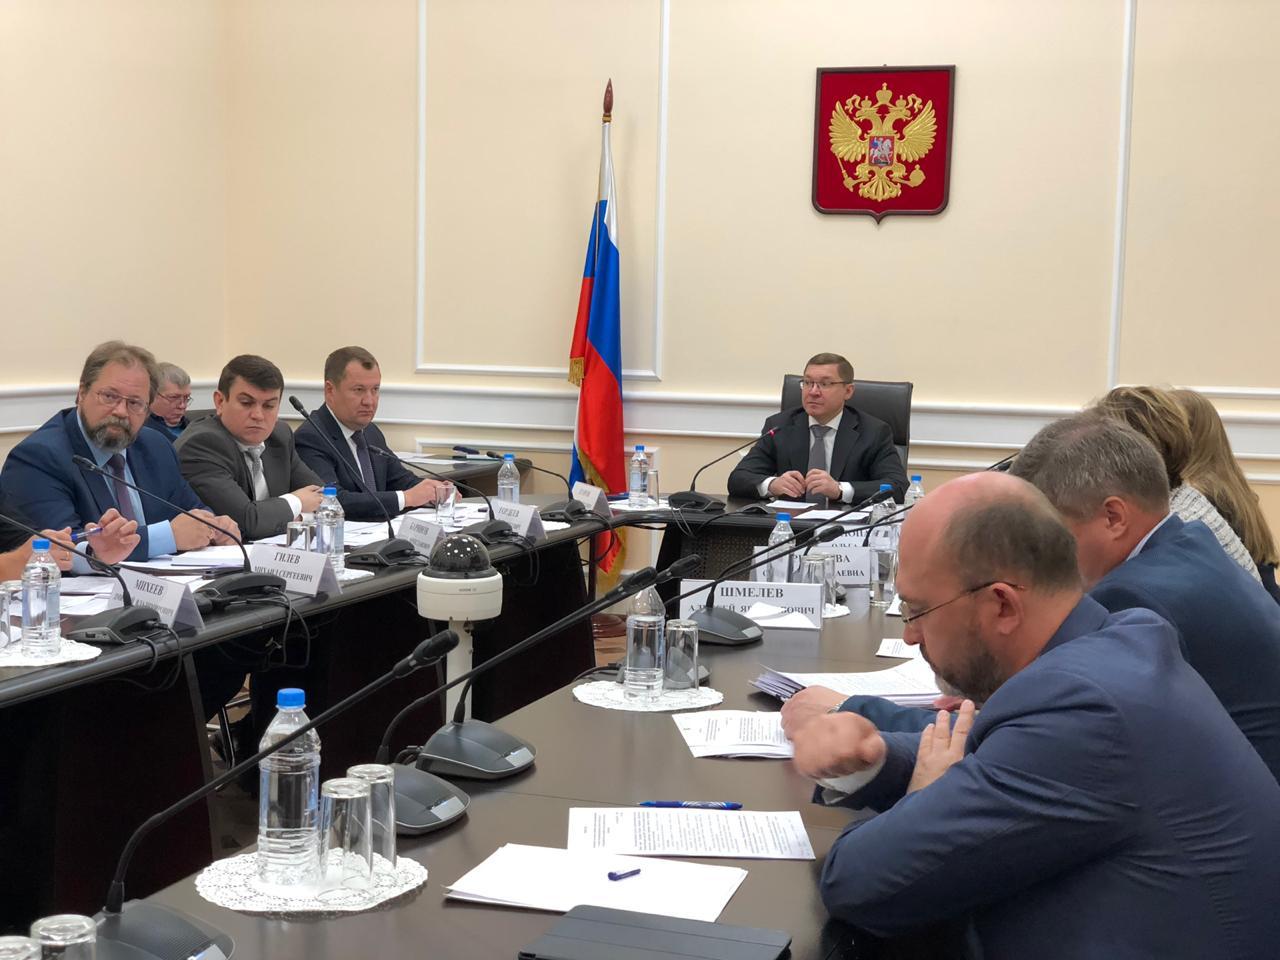 Региональные программы по федеральным проектам «Чистая вода» и «Оздоровление <br>Волги» должны соответствовать методическим рекомендациям Минстроя России